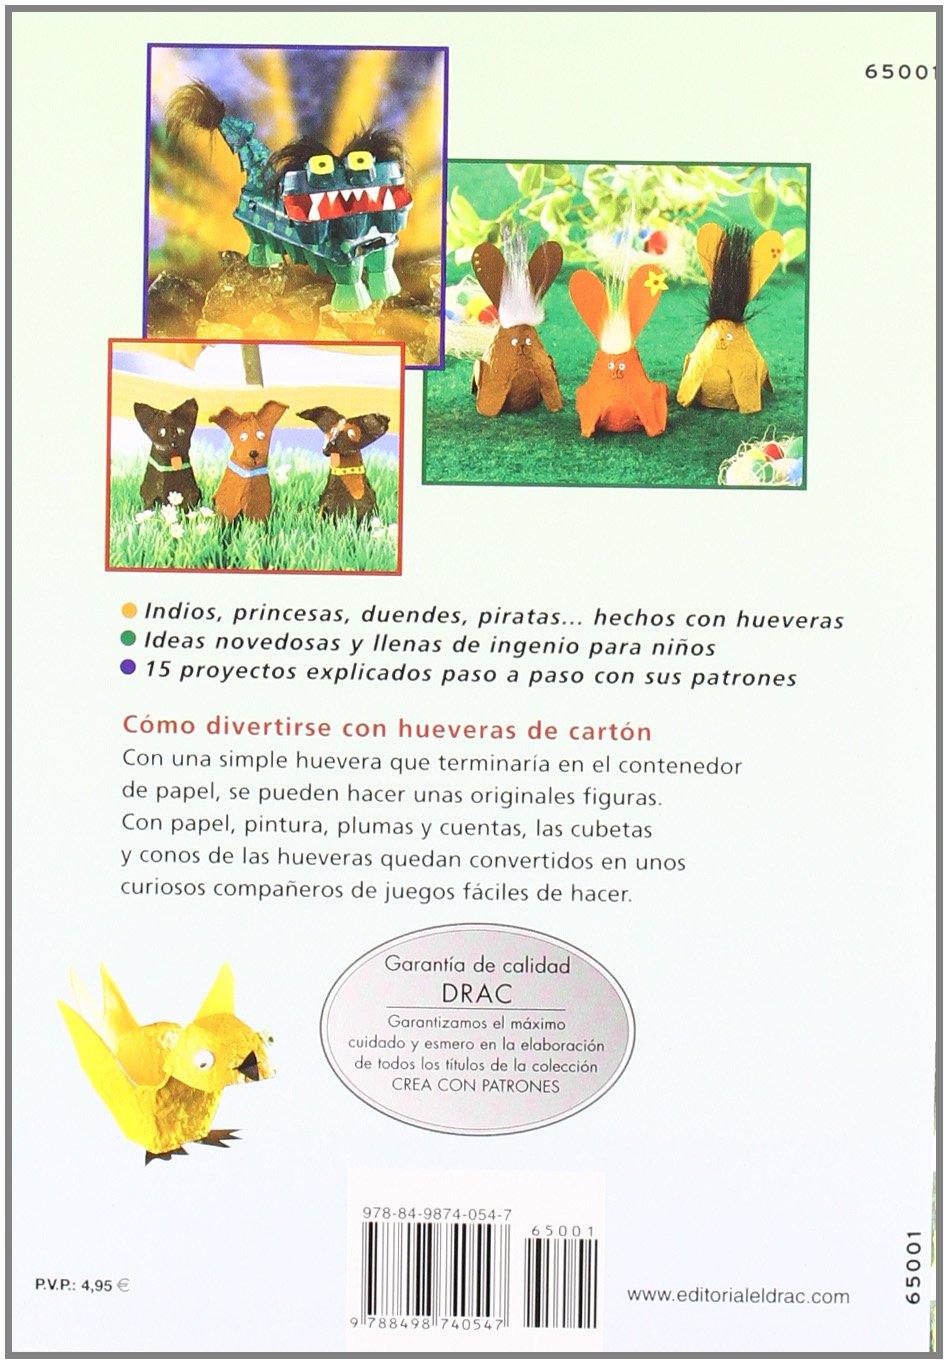 Animales, figuras y mascaras con hueveras para ninos: Armin Taubner: 9788498740547: Amazon.com: Books